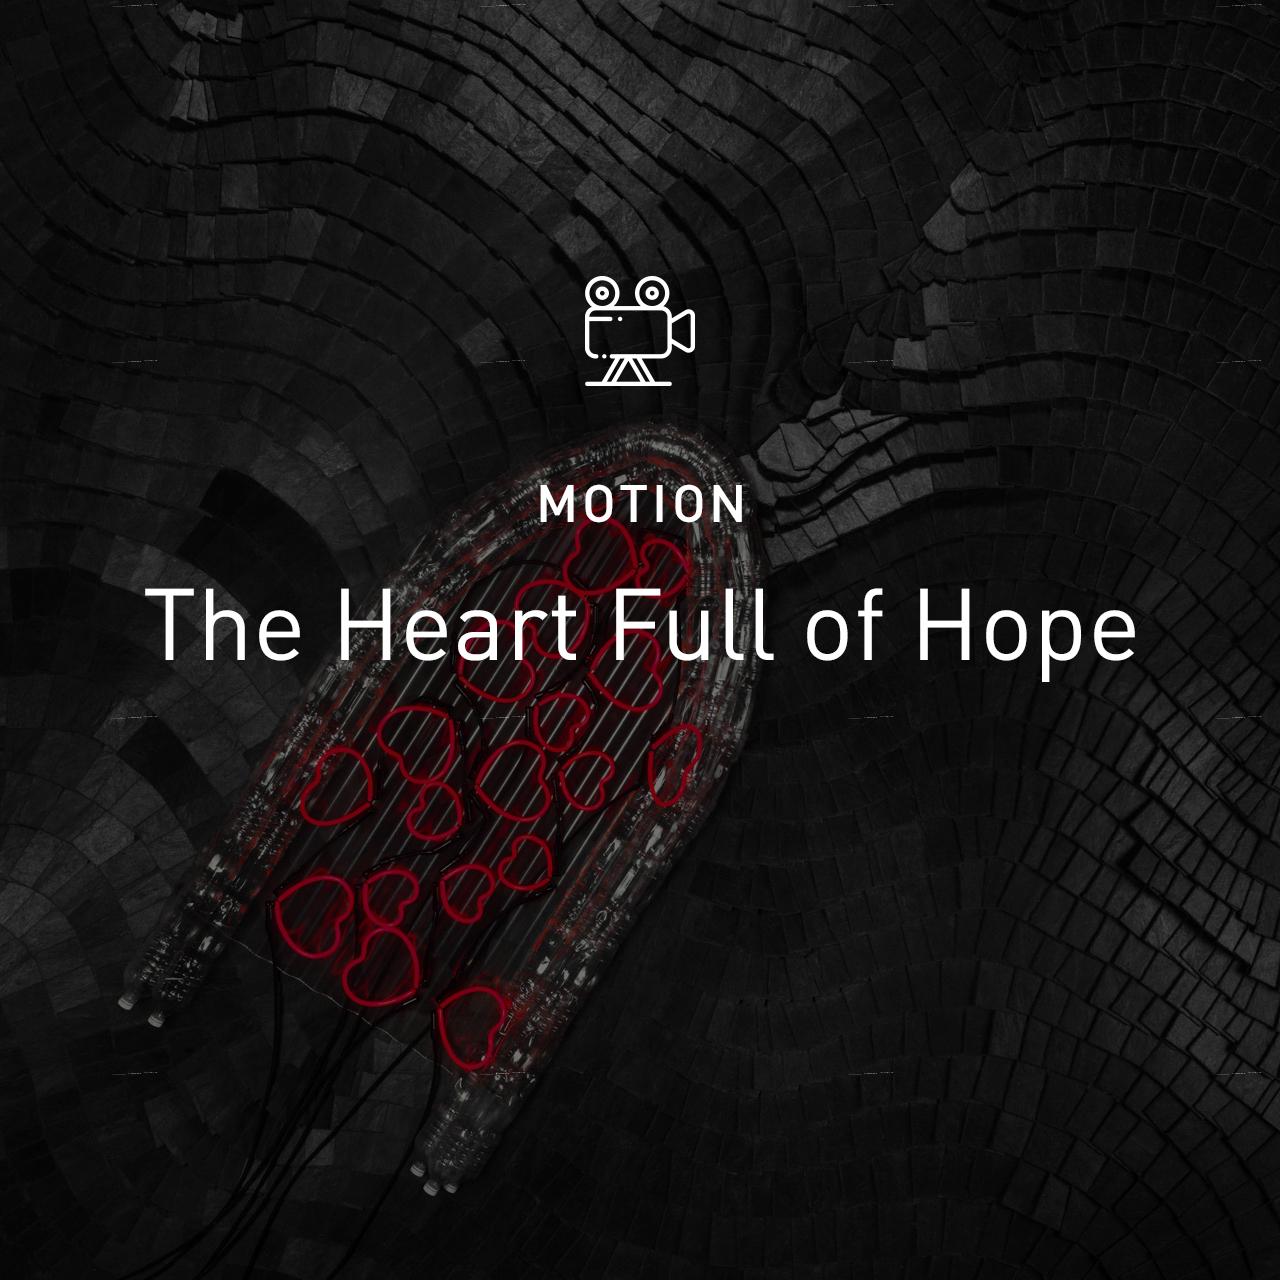 new_c_The Heart Full of Hope - Motion